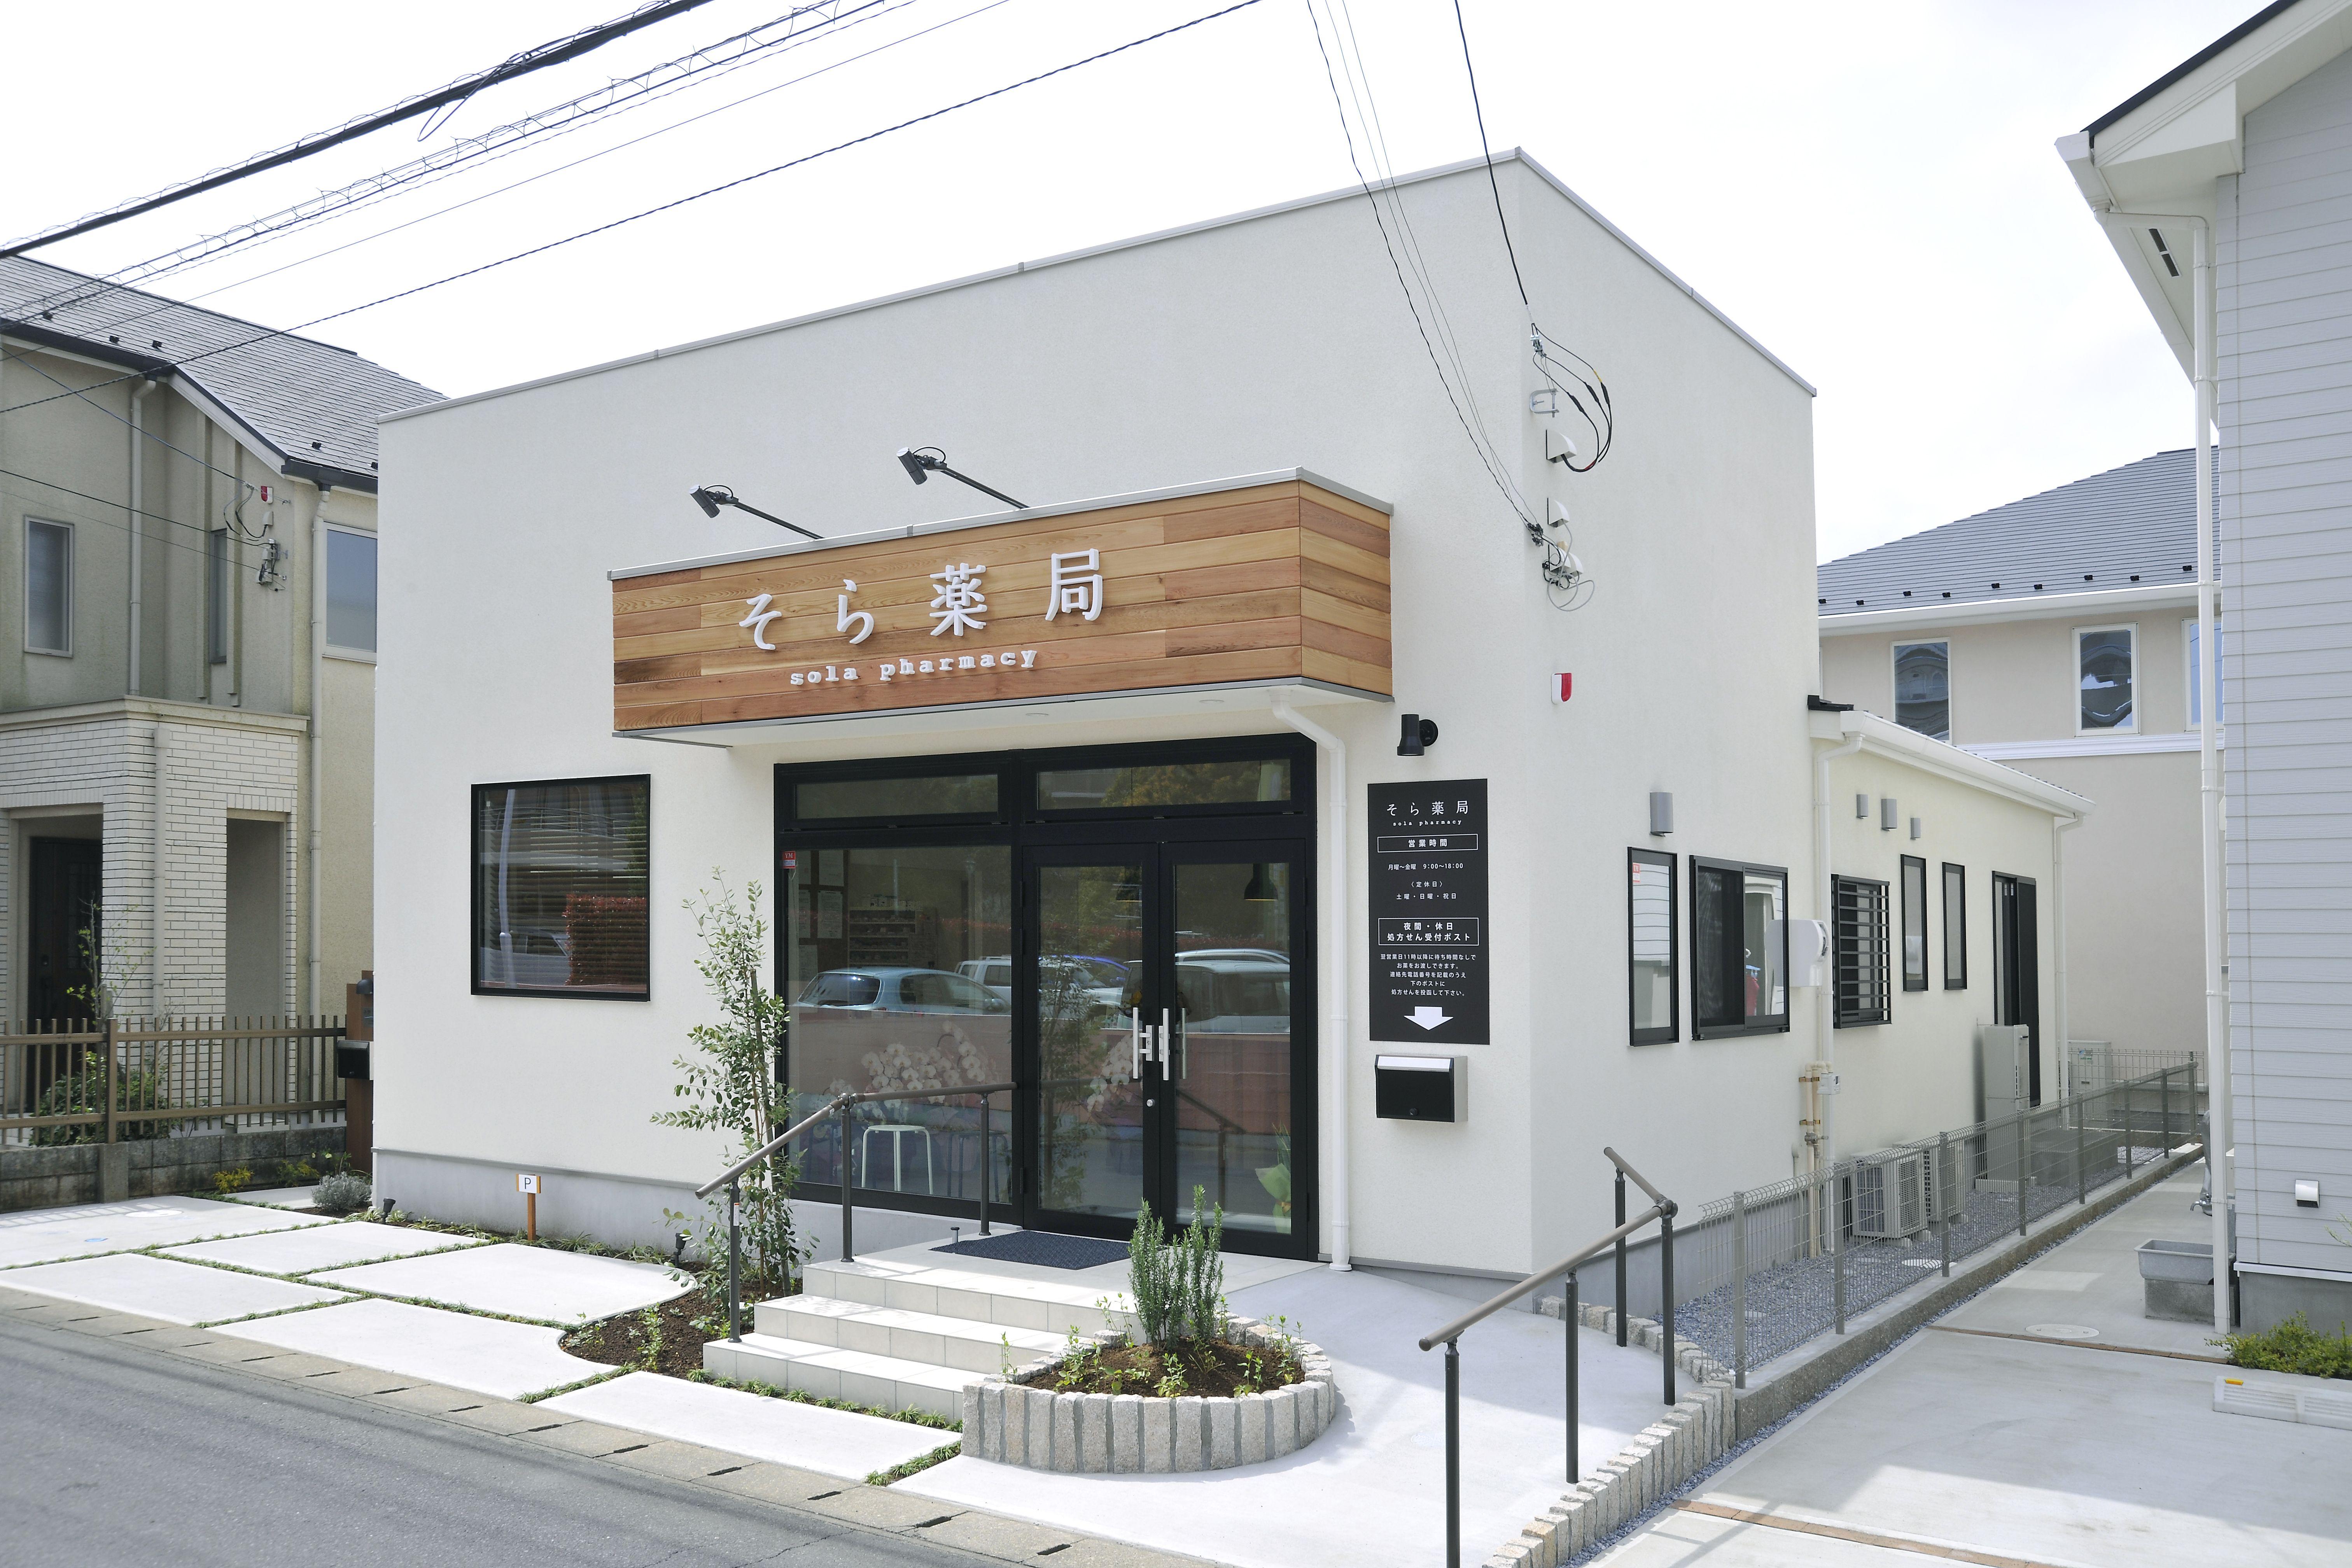 フラットな屋根でモダンな外観 内部はカフェのようなインテリア